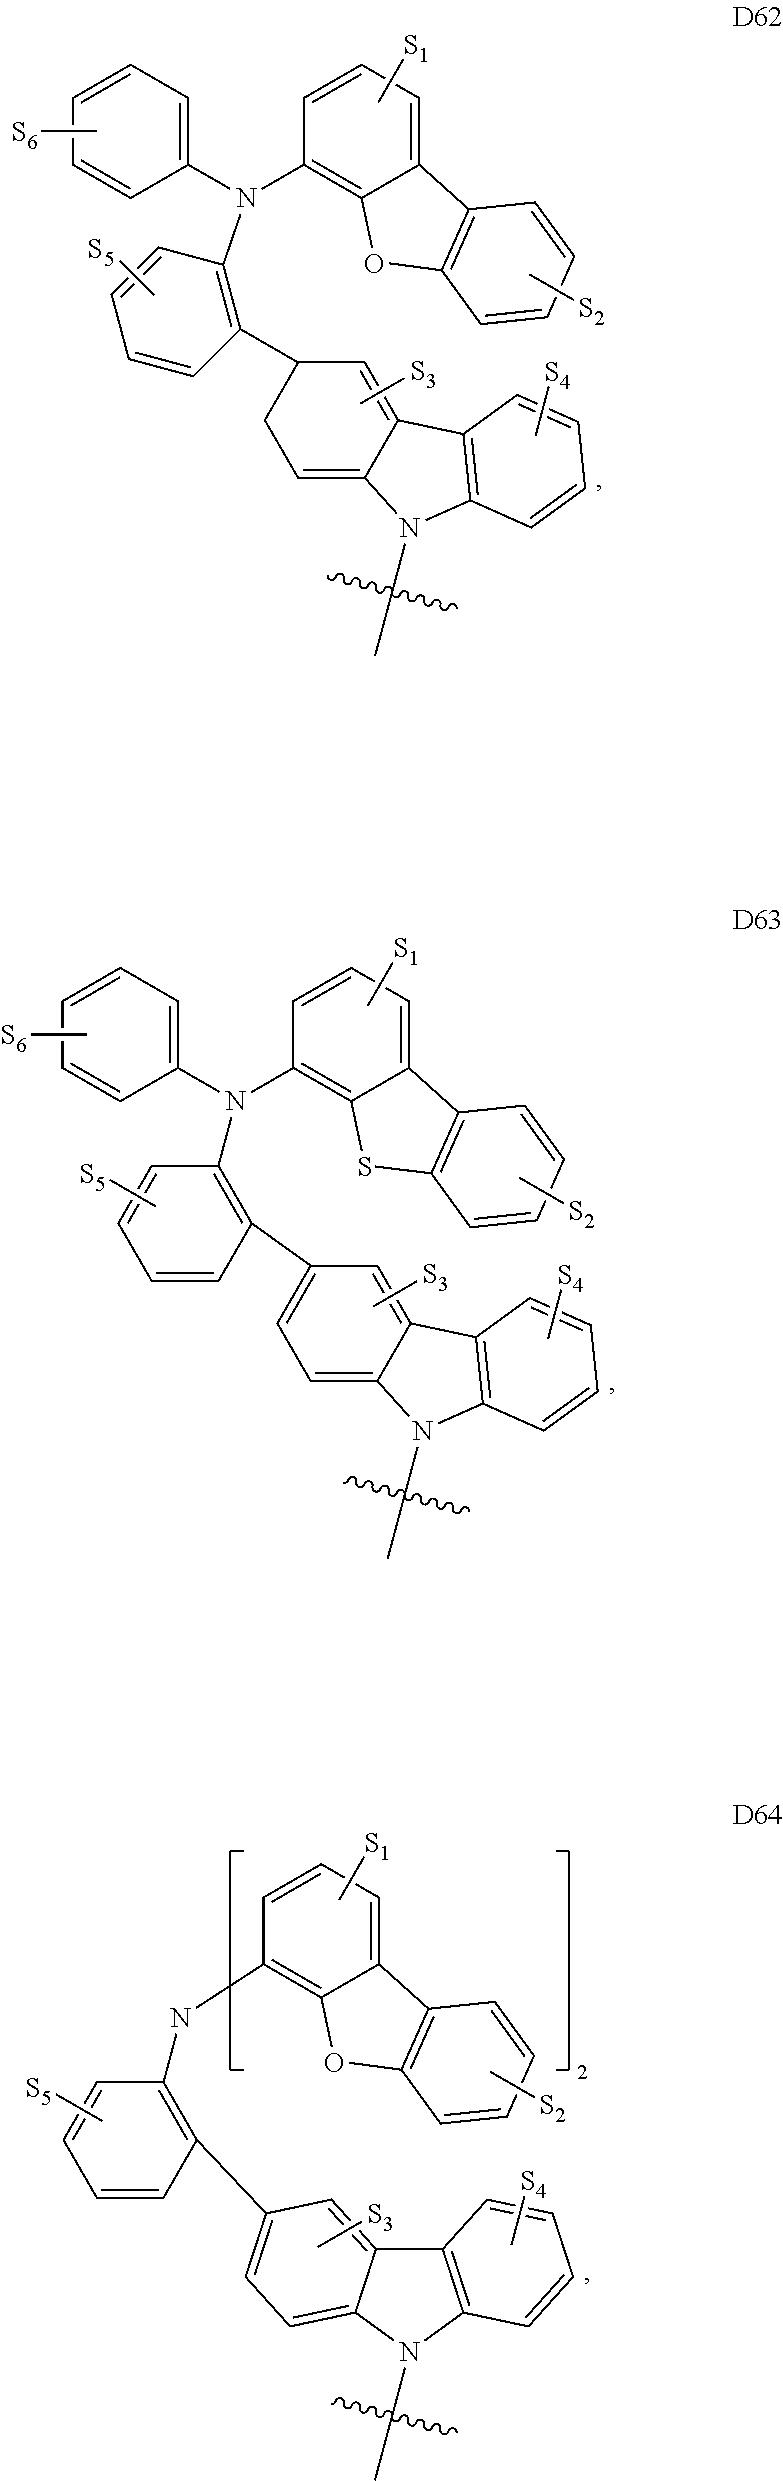 Figure US09537106-20170103-C00487